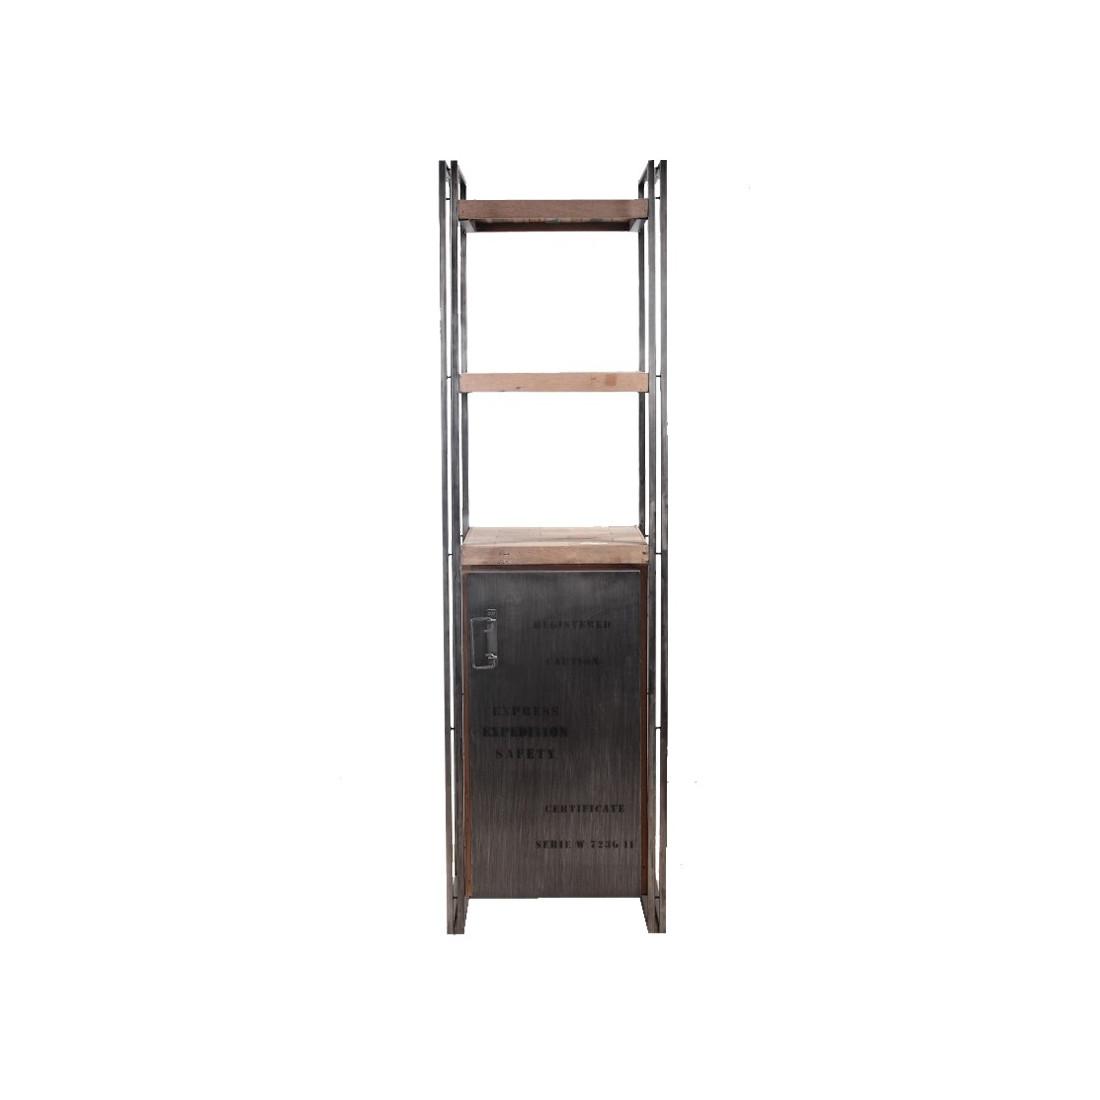 biblioth que 1 porte industry univers du salon tousmesmeubles. Black Bedroom Furniture Sets. Home Design Ideas